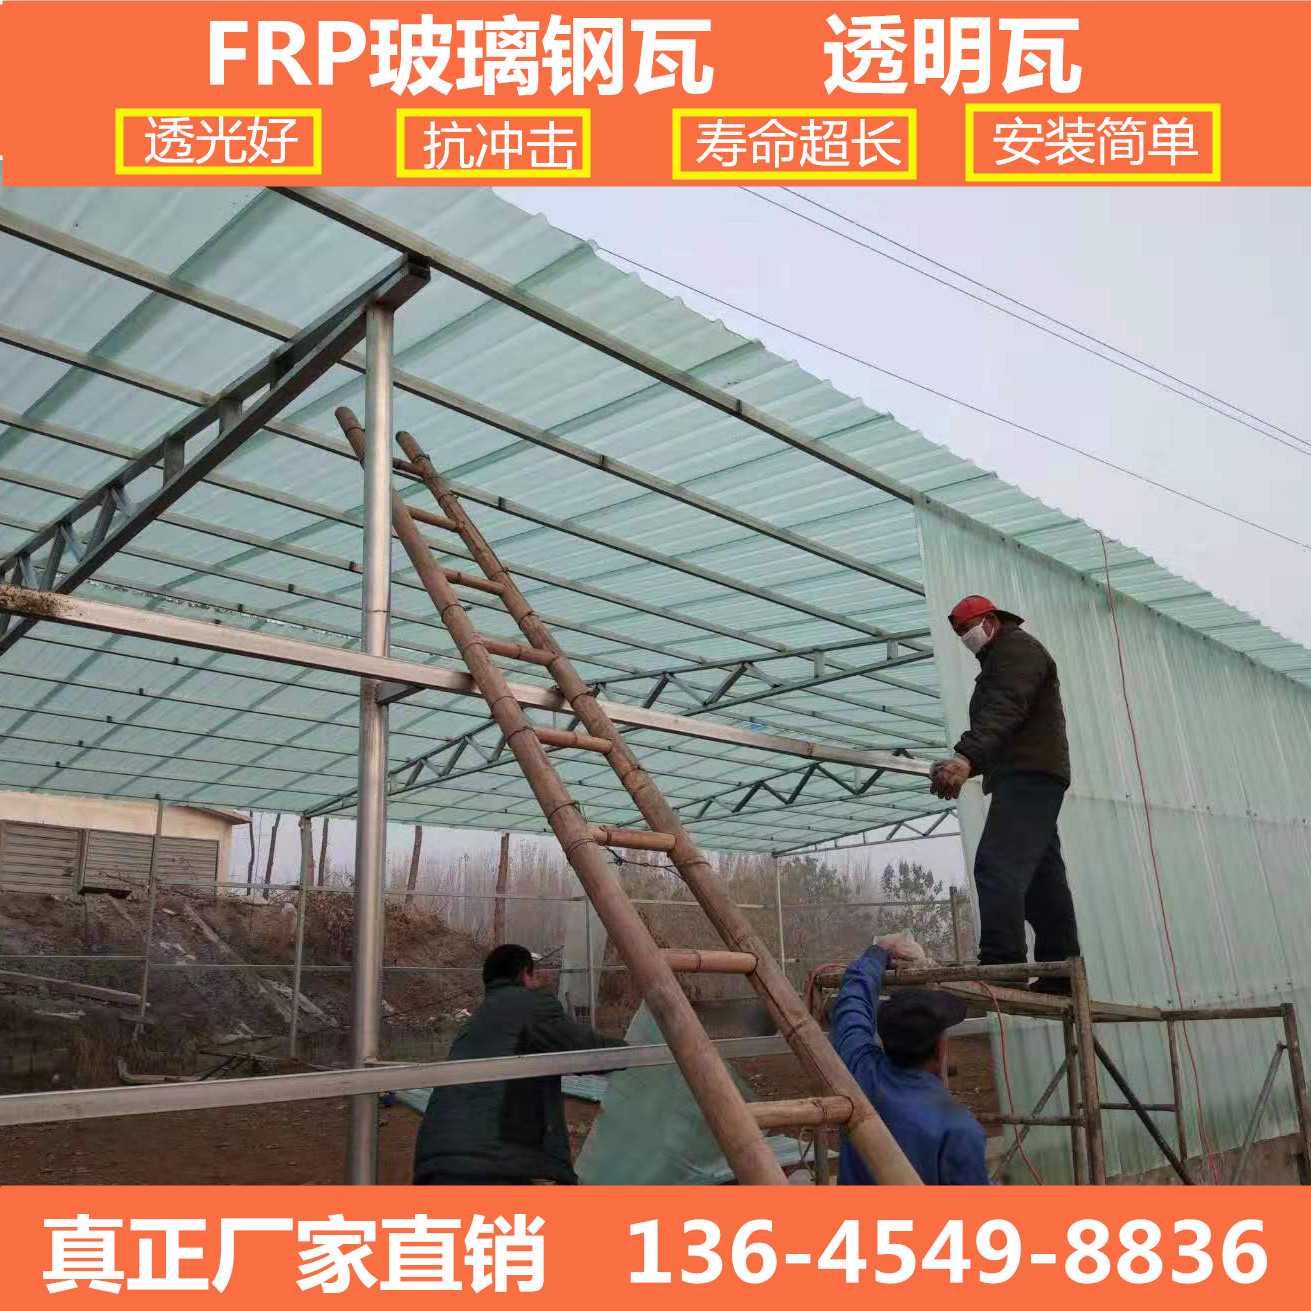 纤维加厚雨棚亮瓦采光瓦 frp 透明瓦片塑料屋顶树脂石棉楞板彩钢瓦